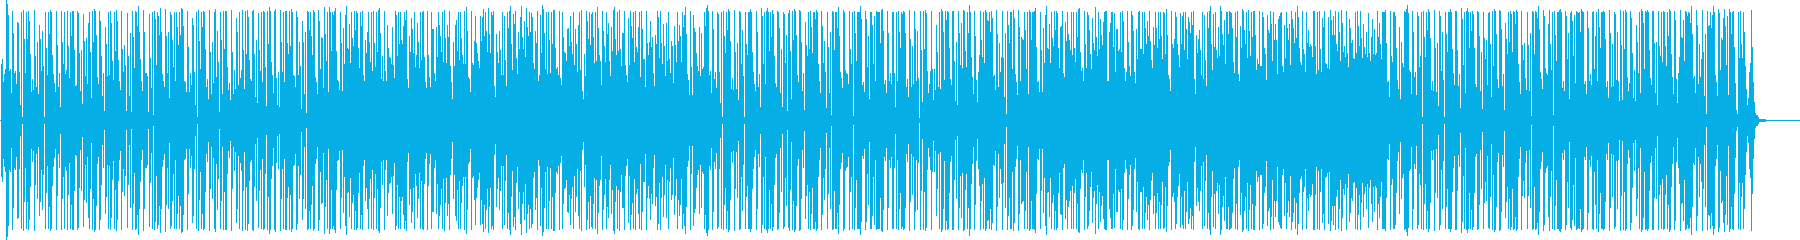 のんびり、平和、可愛い、まったりピアノ曲の再生済みの波形